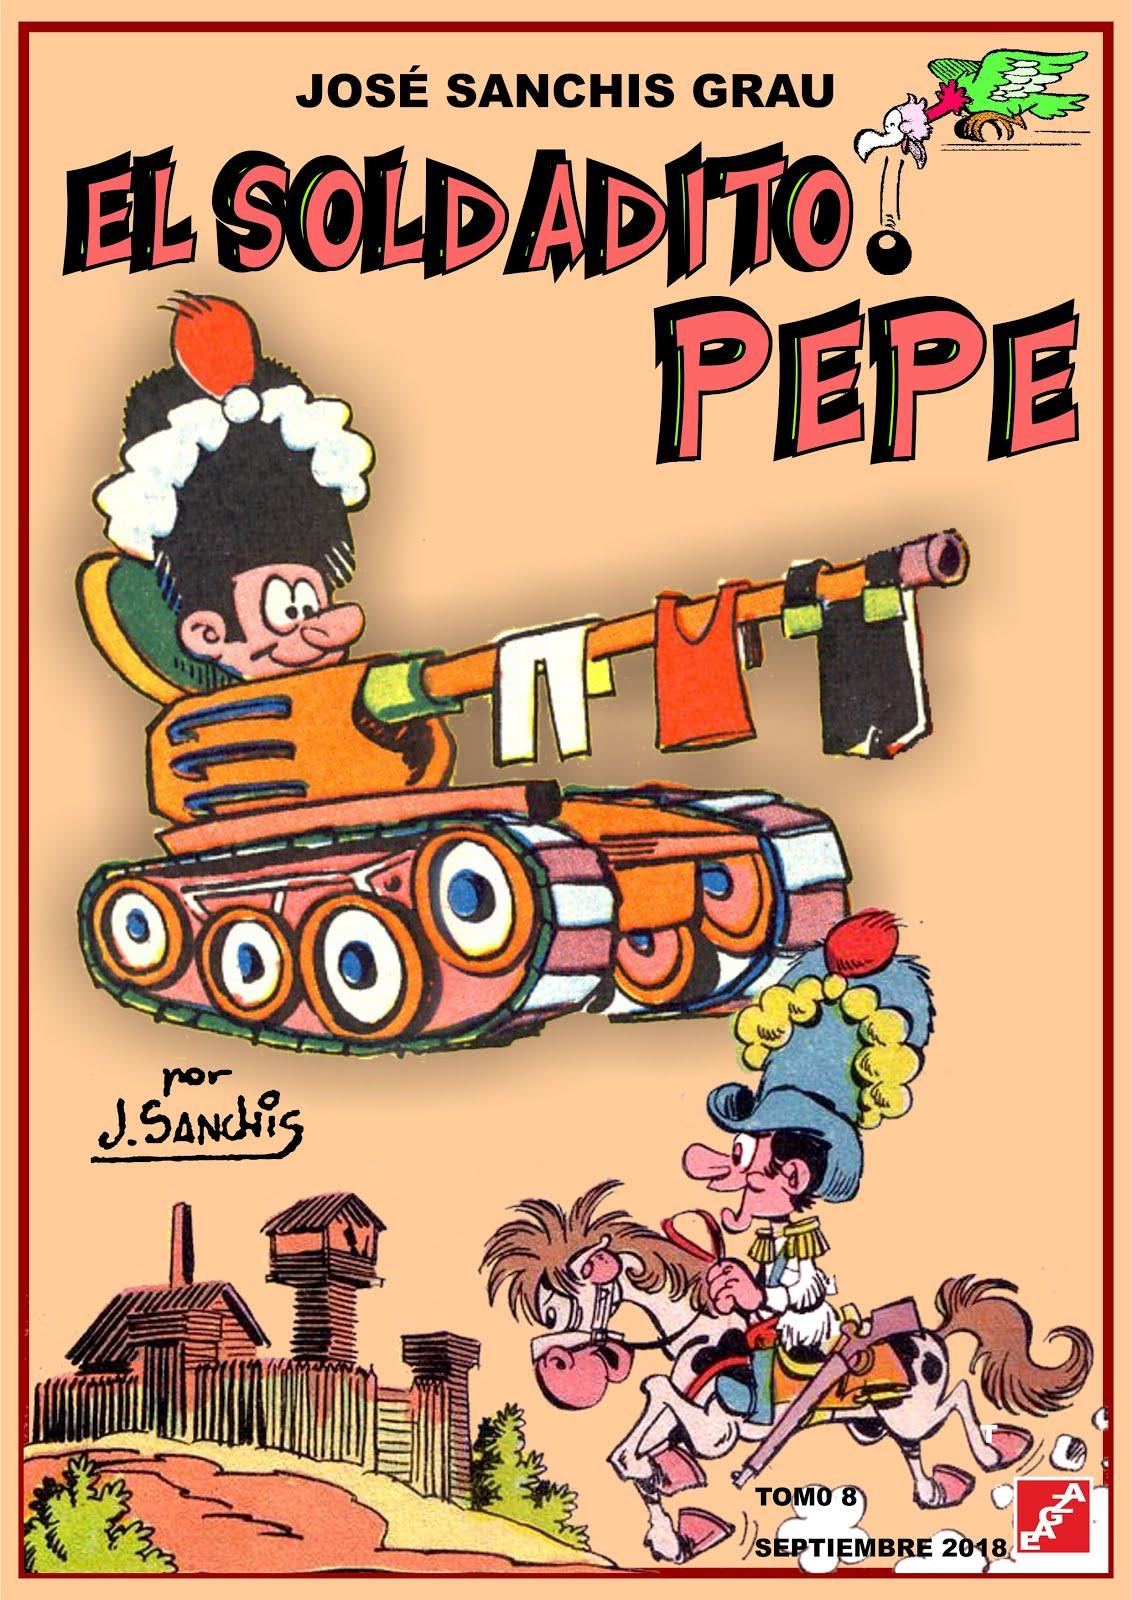 El soldadito Pepe - Tomos 01 - 08 - José Sanchis - EAGZA